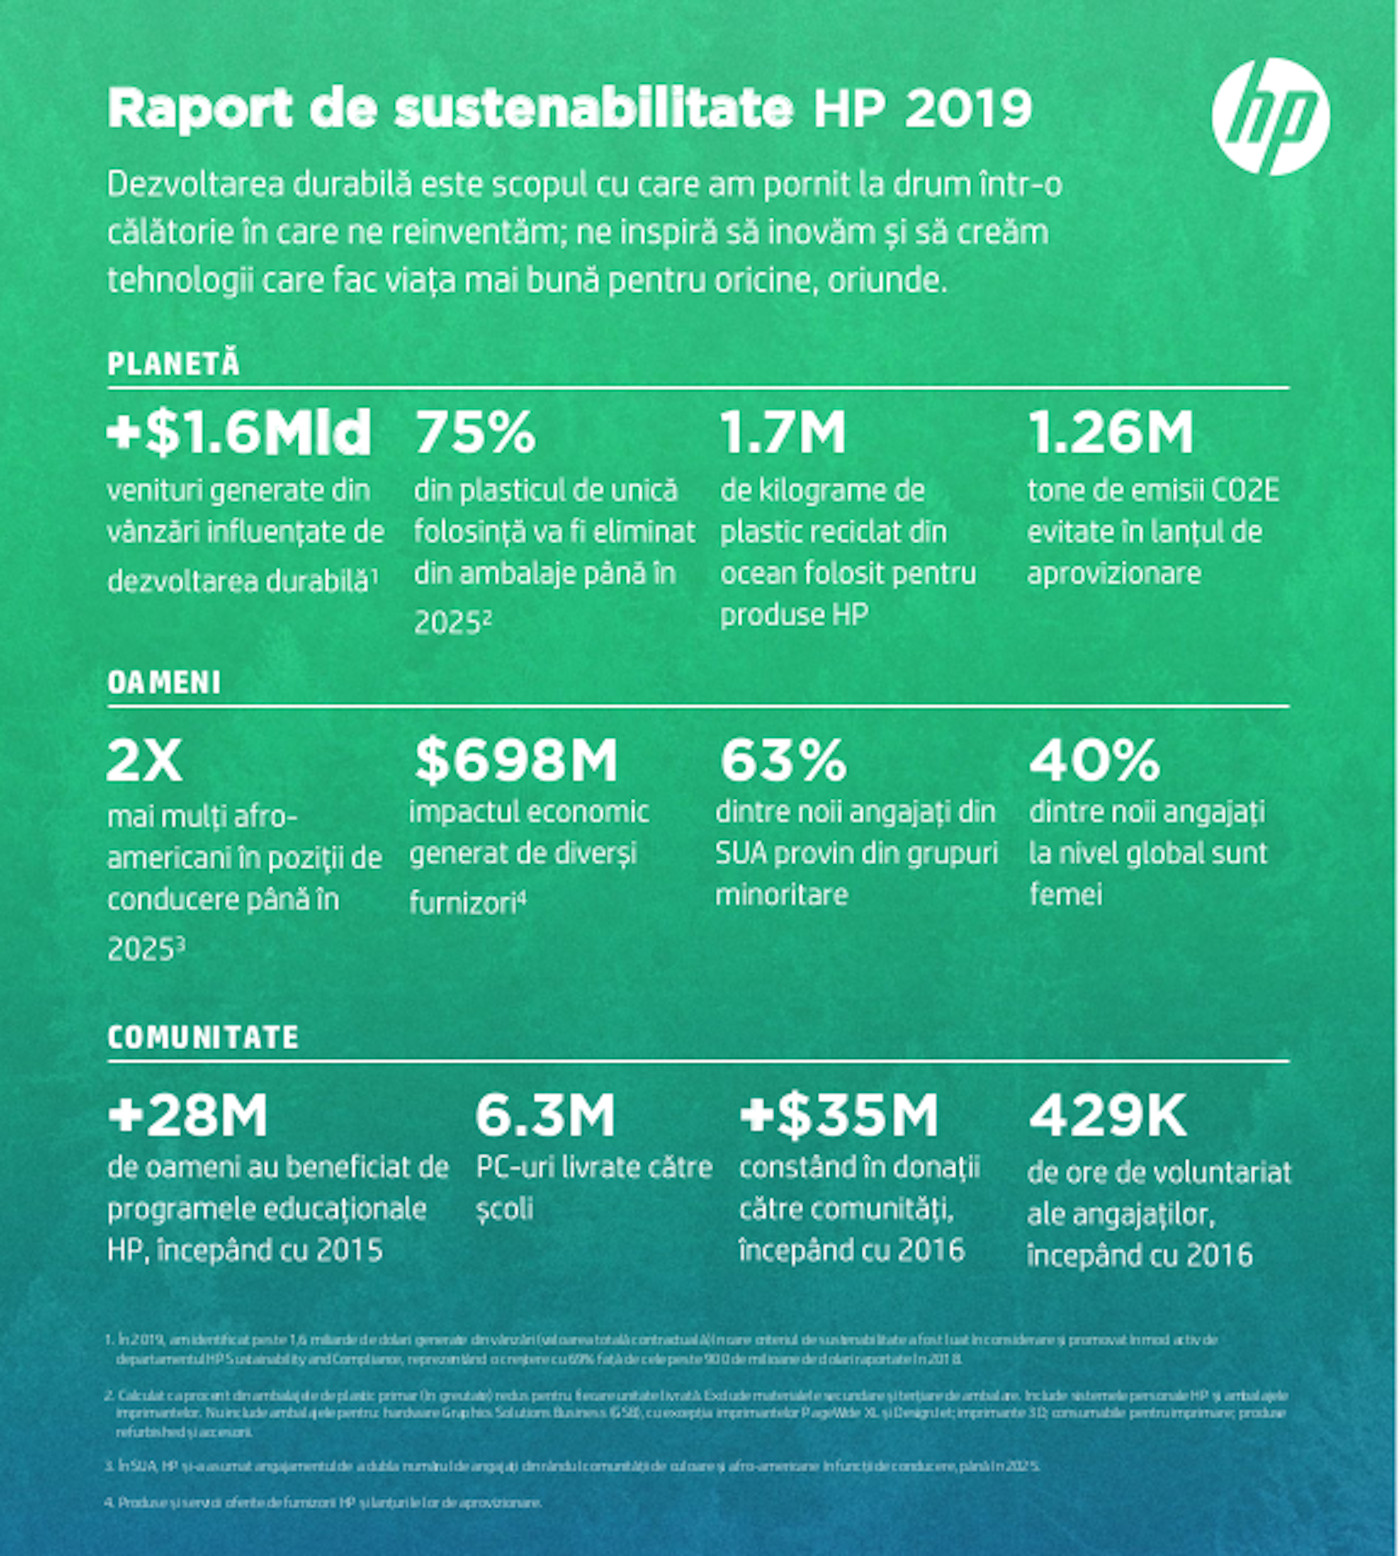 HP - Raportul Anual de Sustenabilitate 2019